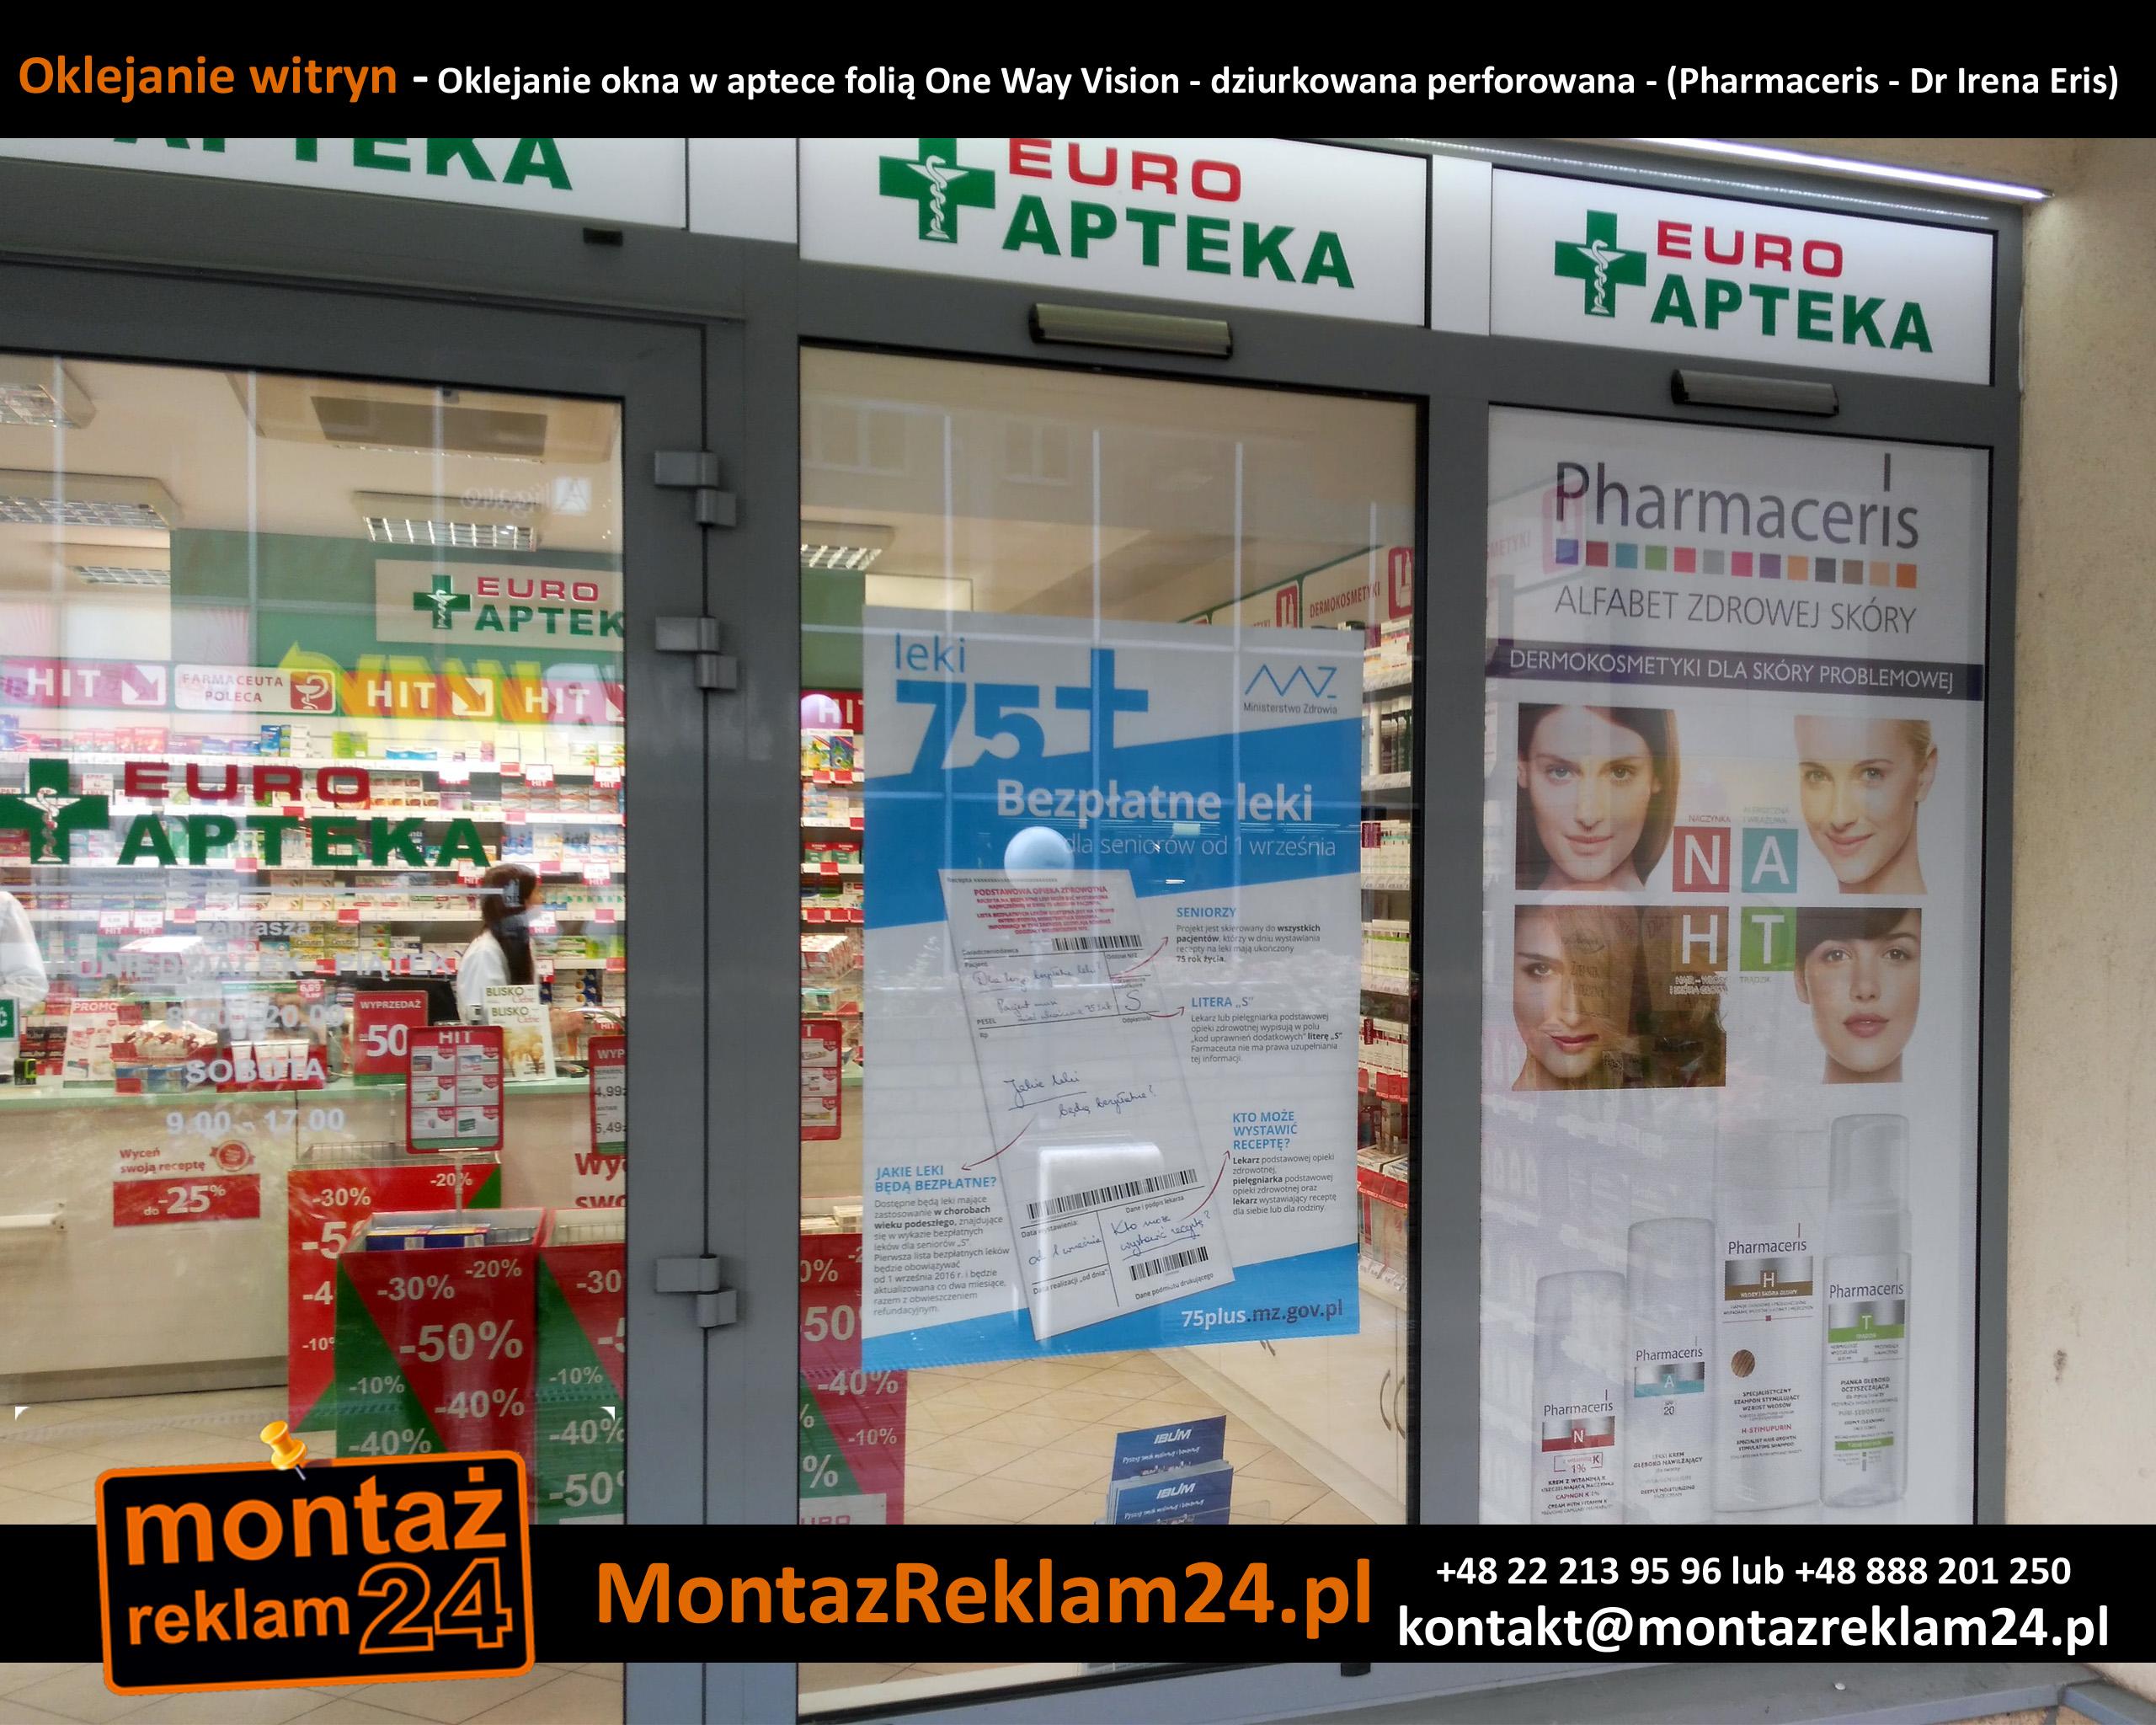 Oklejanie witryn - Oklejanie okna w aptece folią One Way Vision - dziurkowana perforowana - (Pharmaceris - Dr Irena Eris).jpg